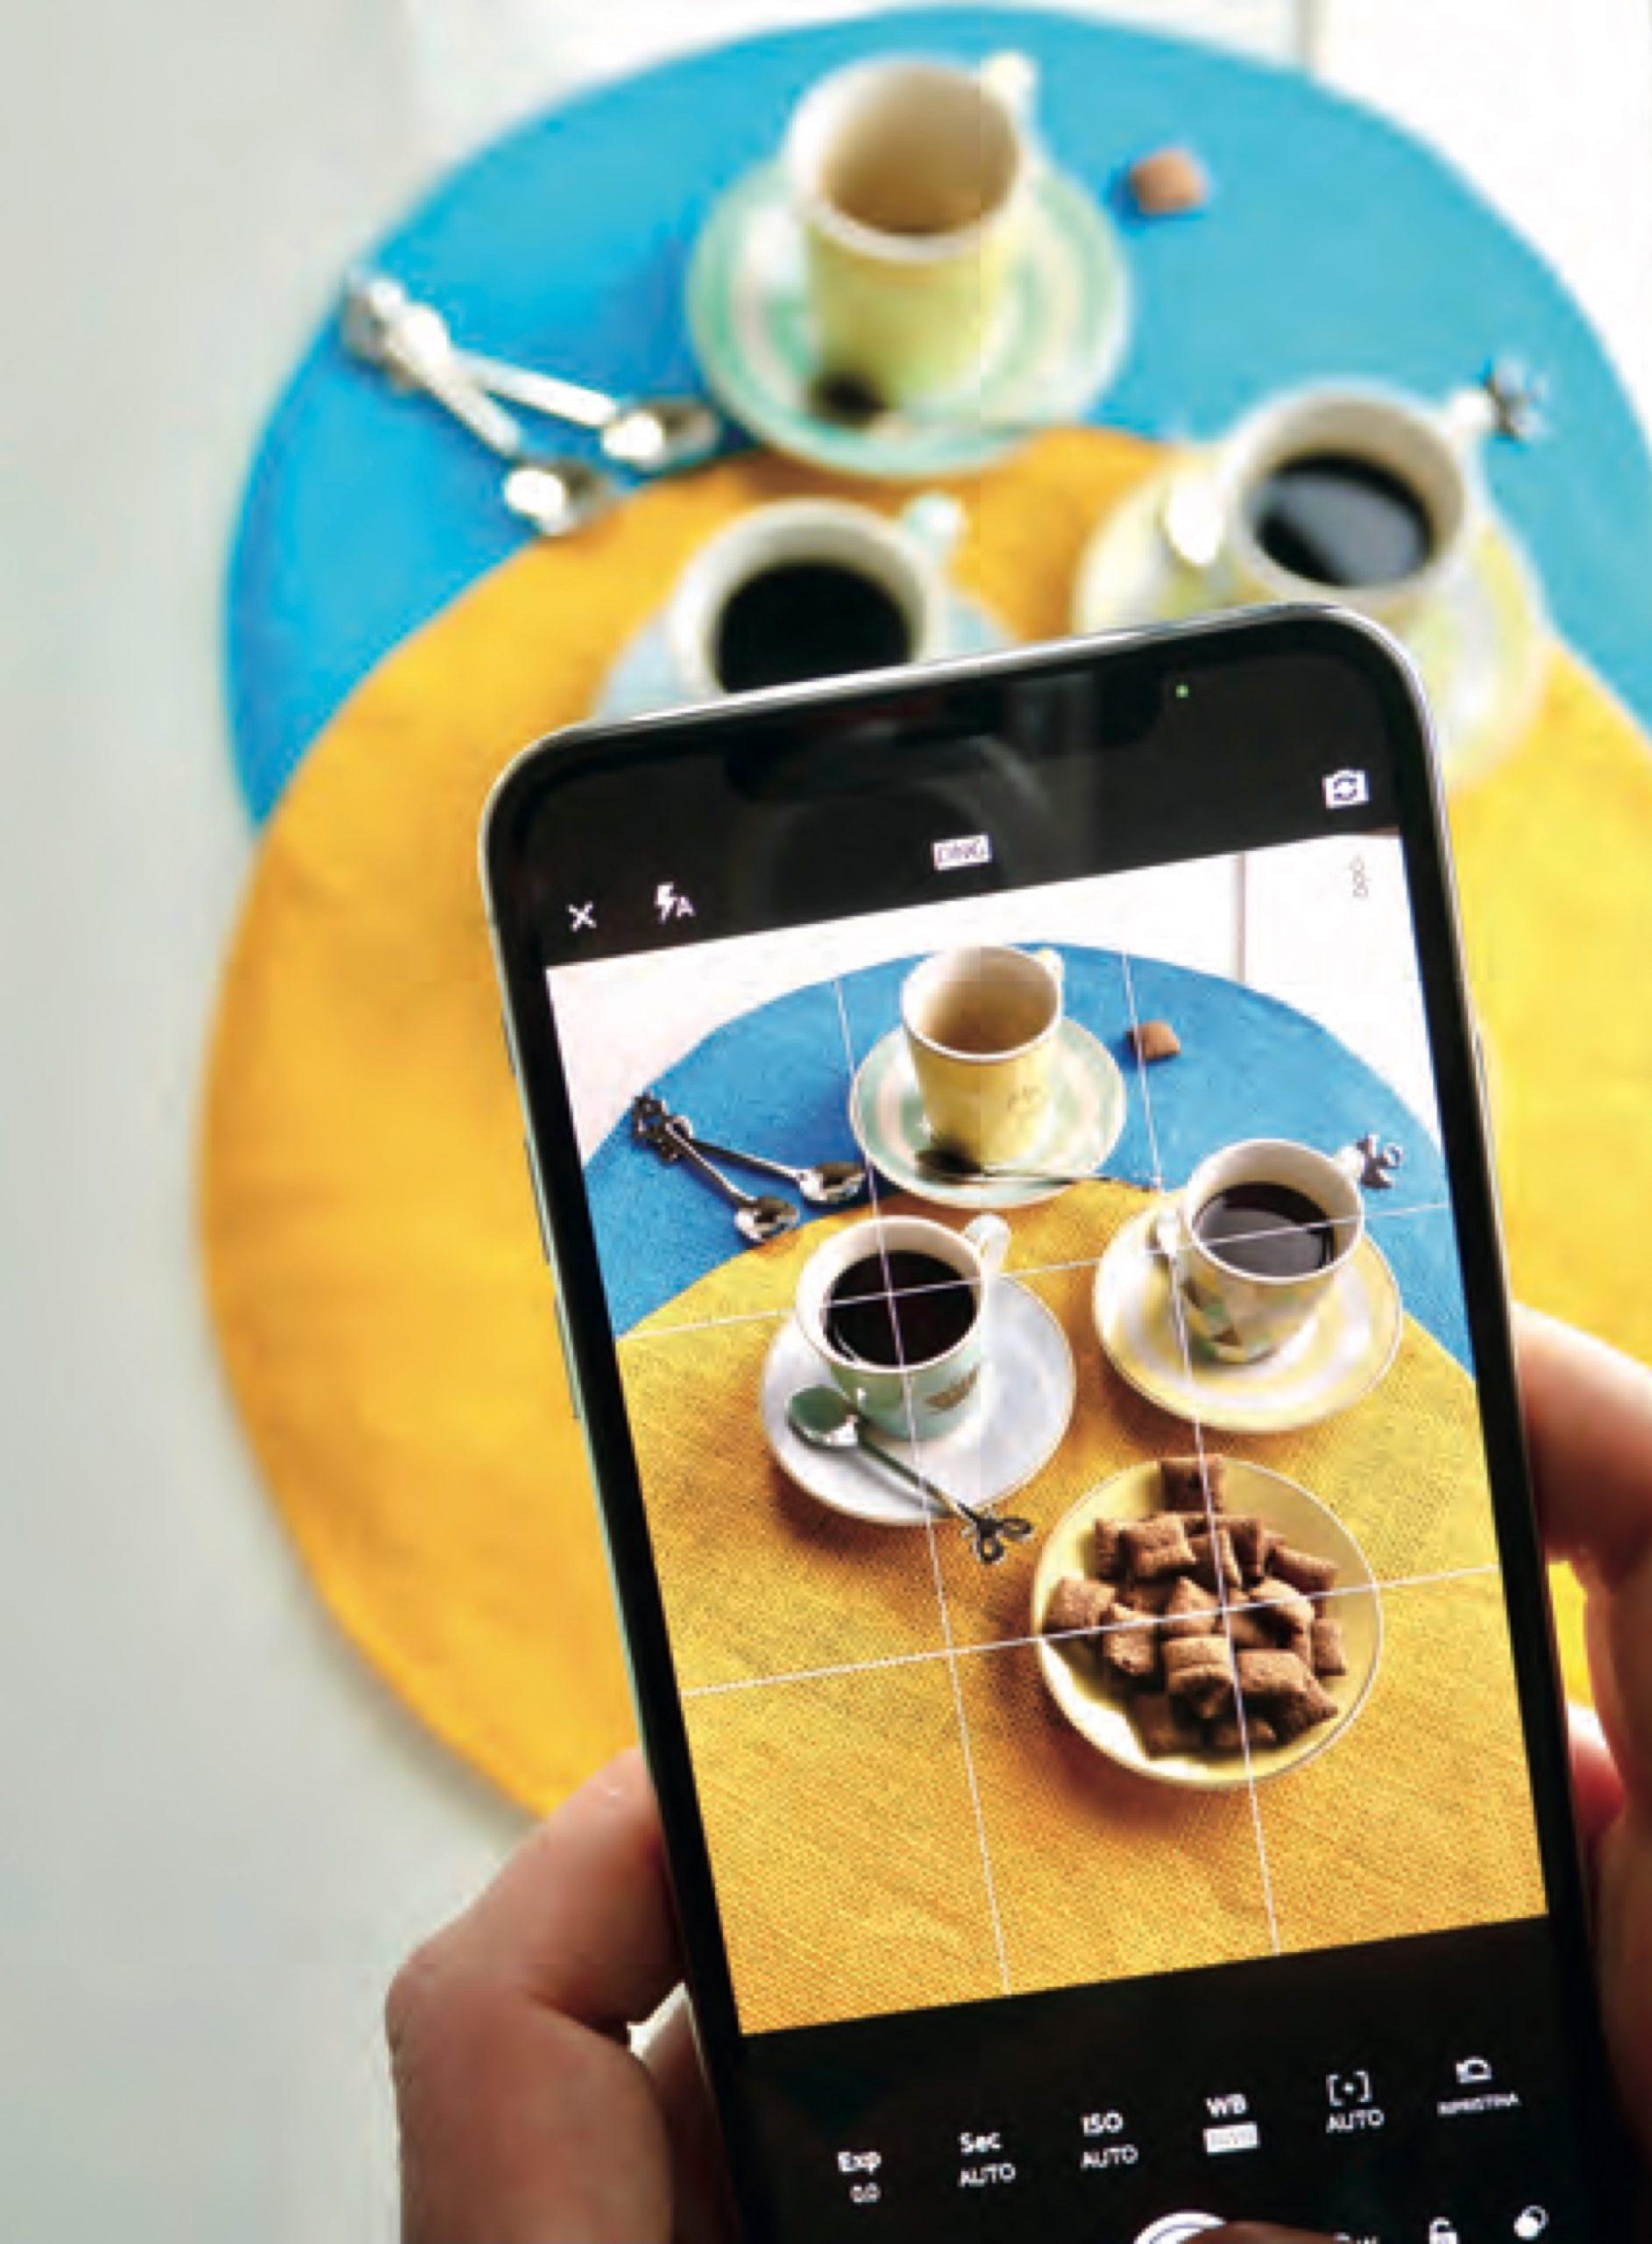 Lo smartphone è un ottimo alleato in ogni situazione, soprattutto per la Food Photography